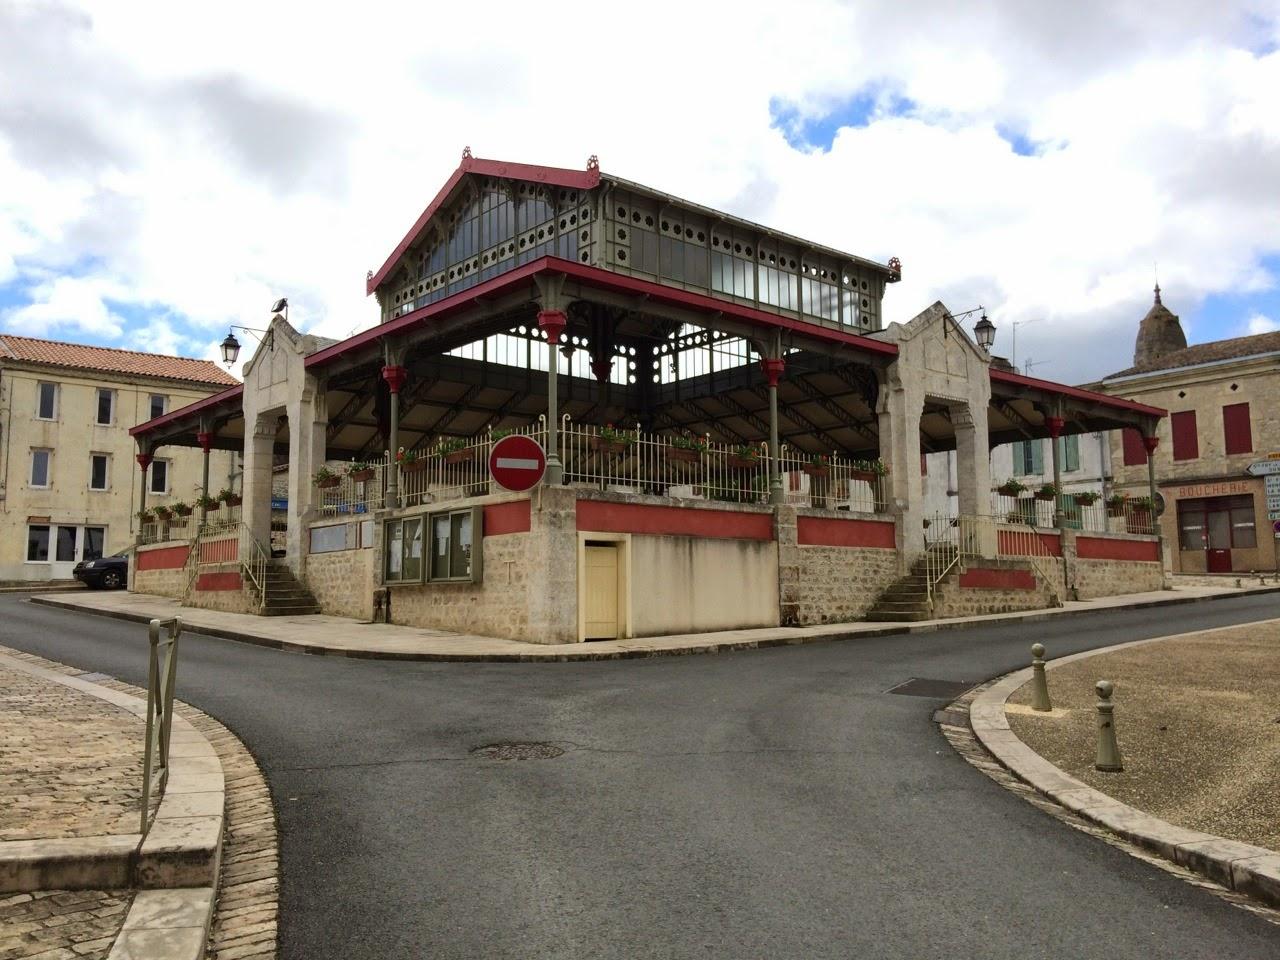 Jan op weg naar compostela dag 49 sainte foy la grande sainte ferme 25 km 1216 km for Dus welke architectuur